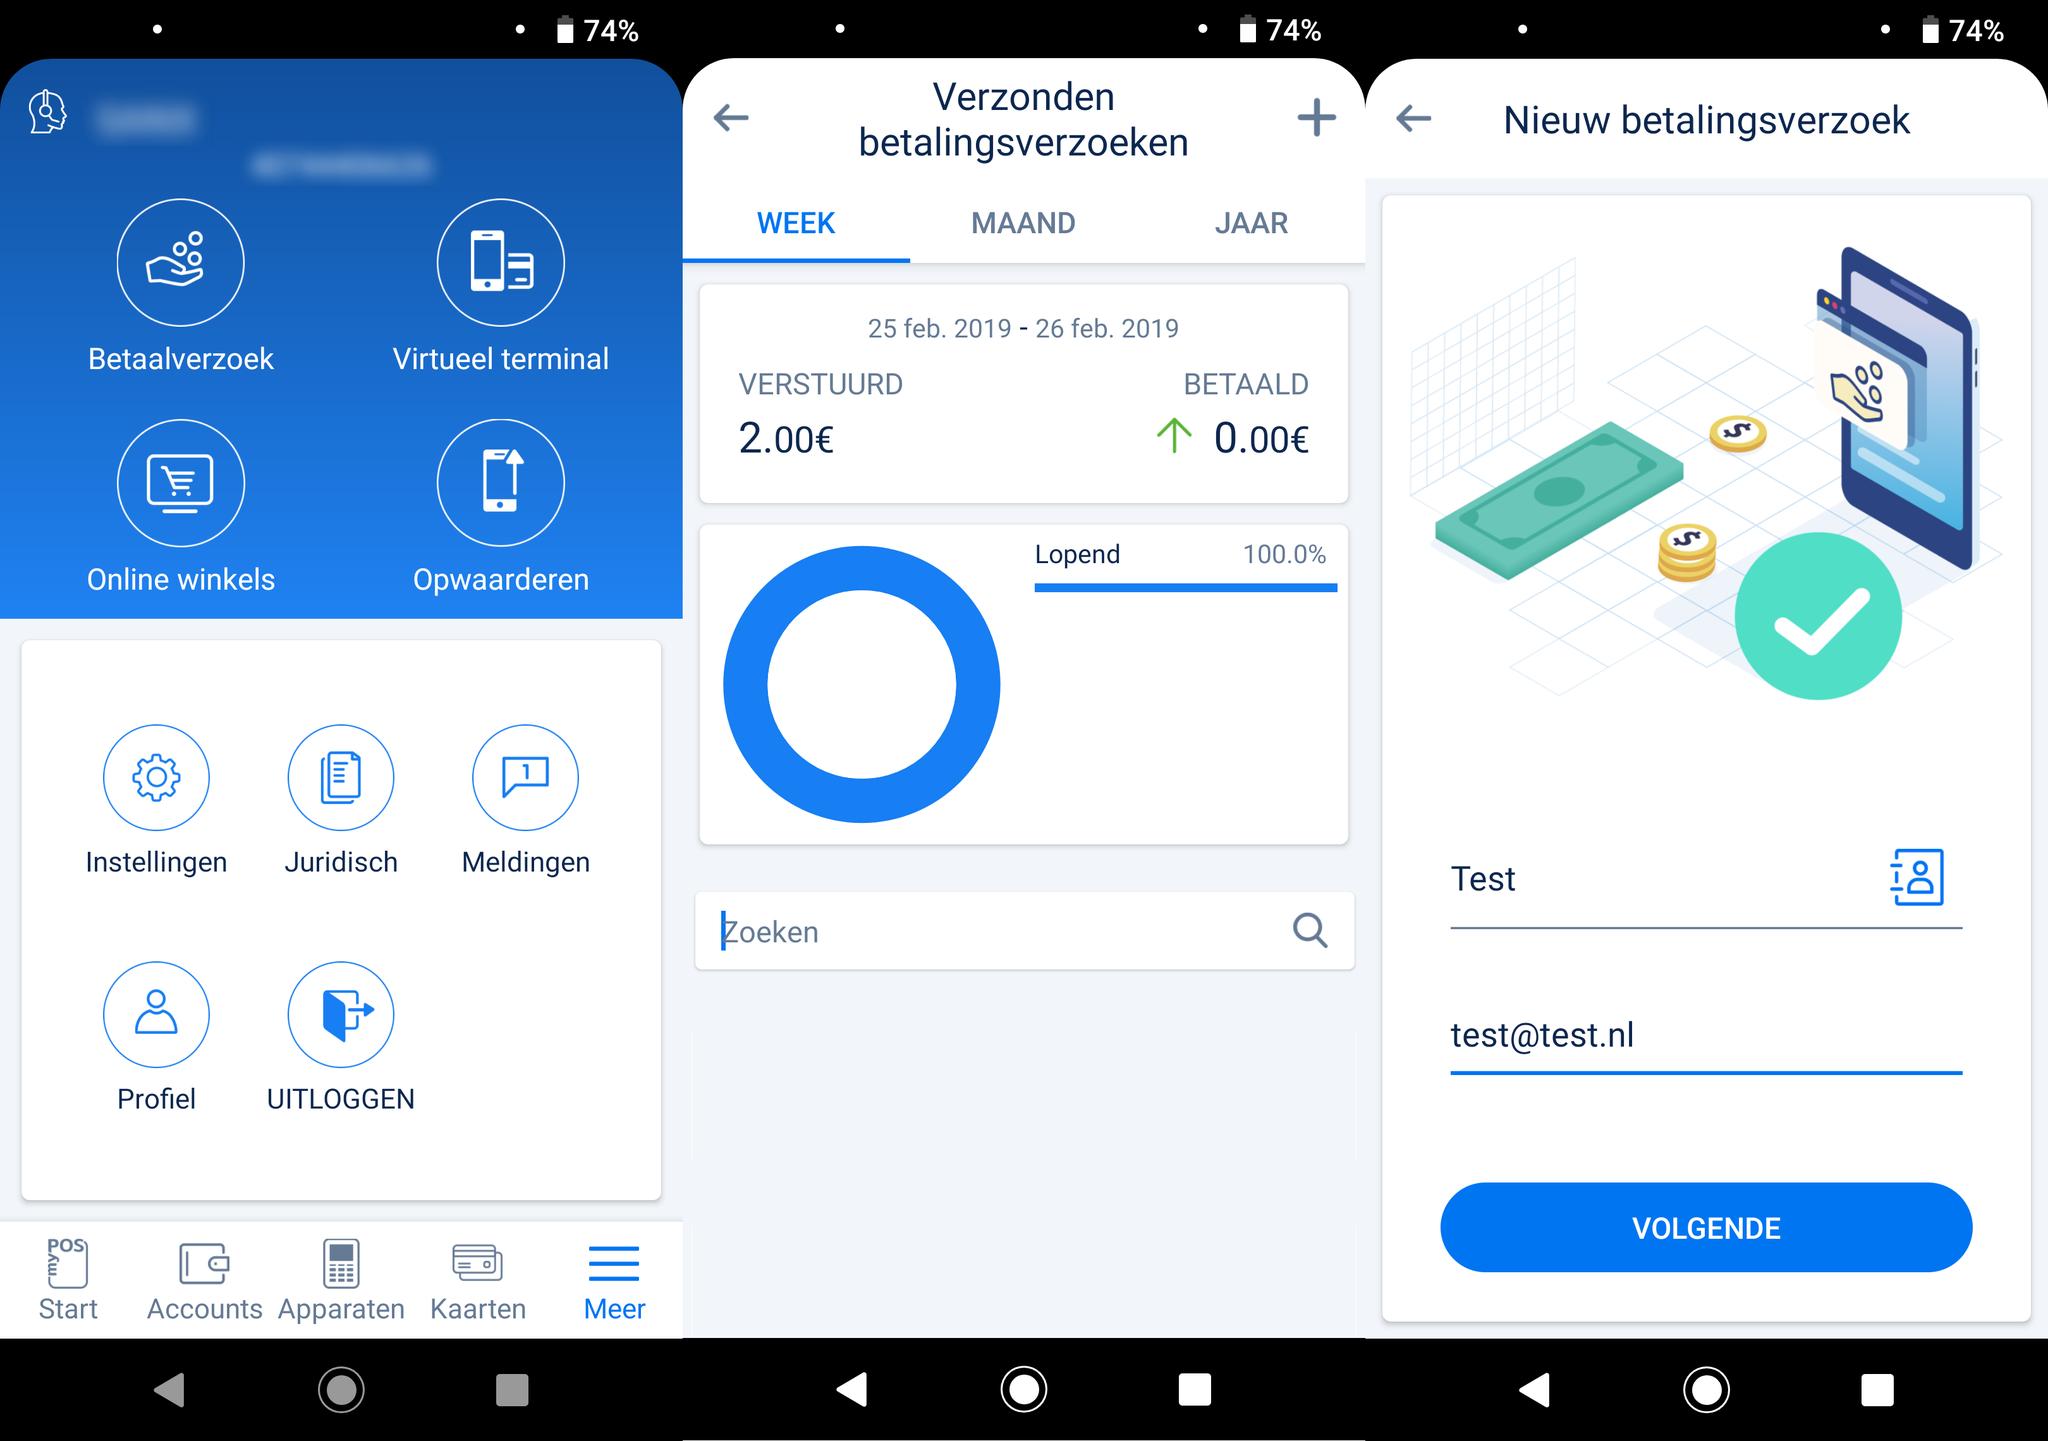 Betaalverzoek aanmaken in de myPOS app